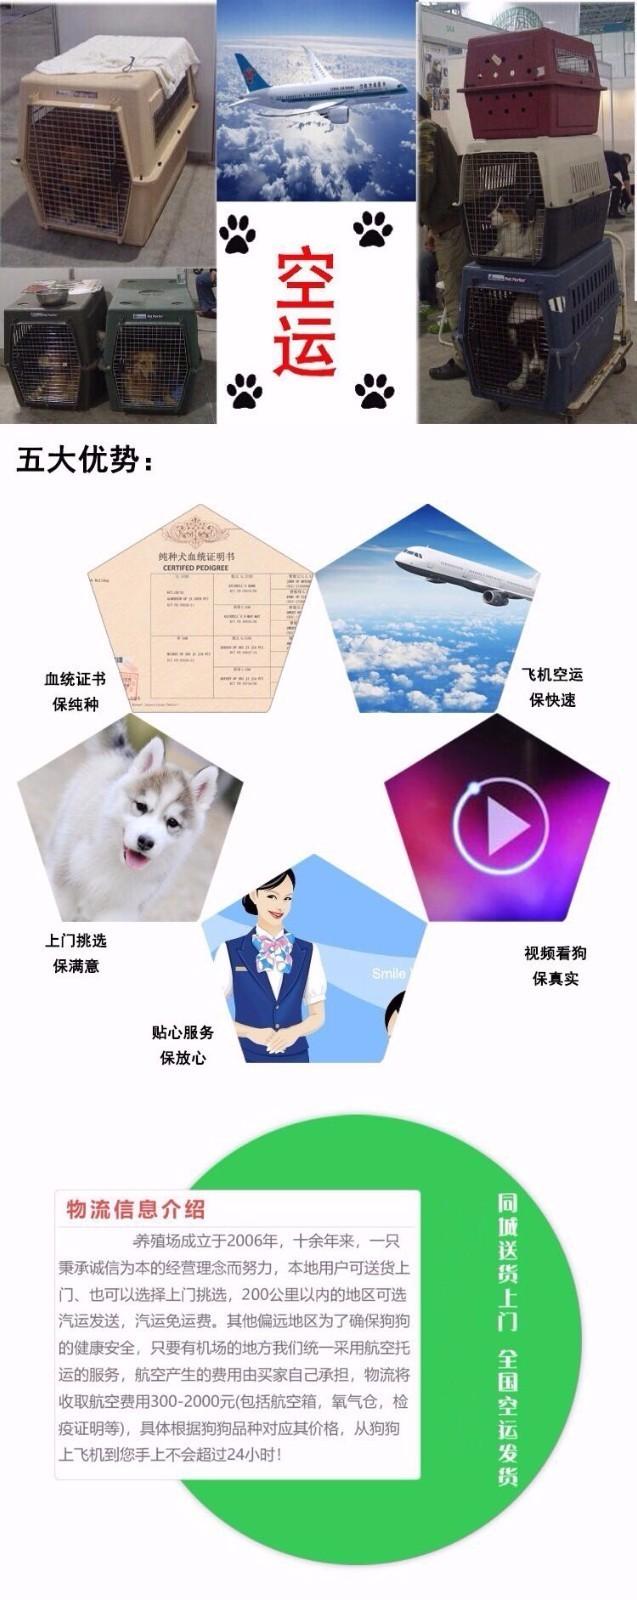 南京哪里出售古牧 古代牧羊犬出售 古牧照片12